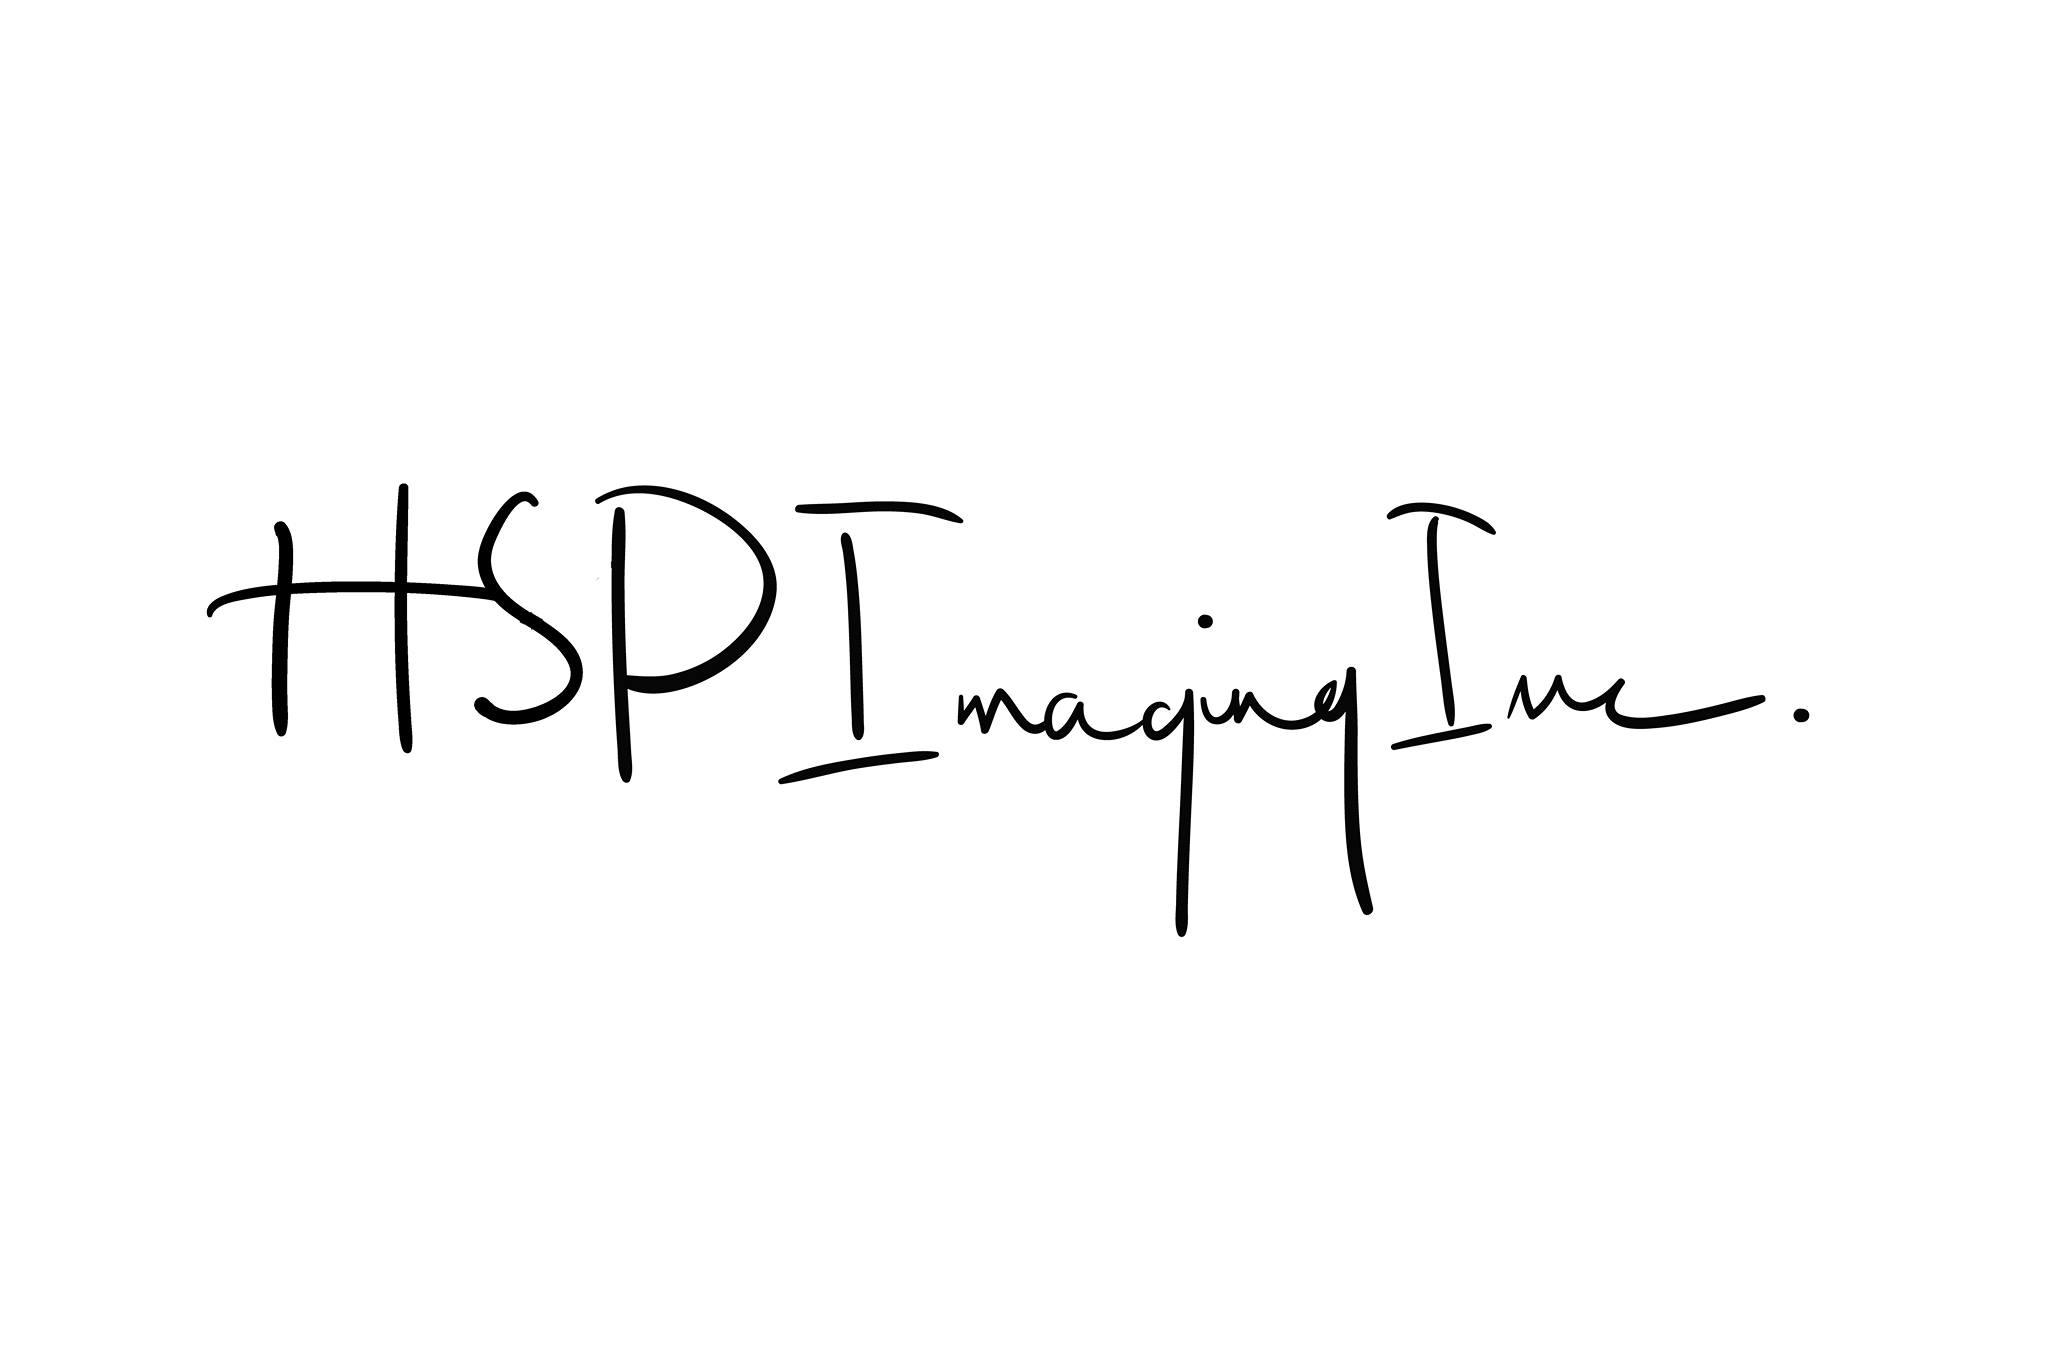 HSP.jpg